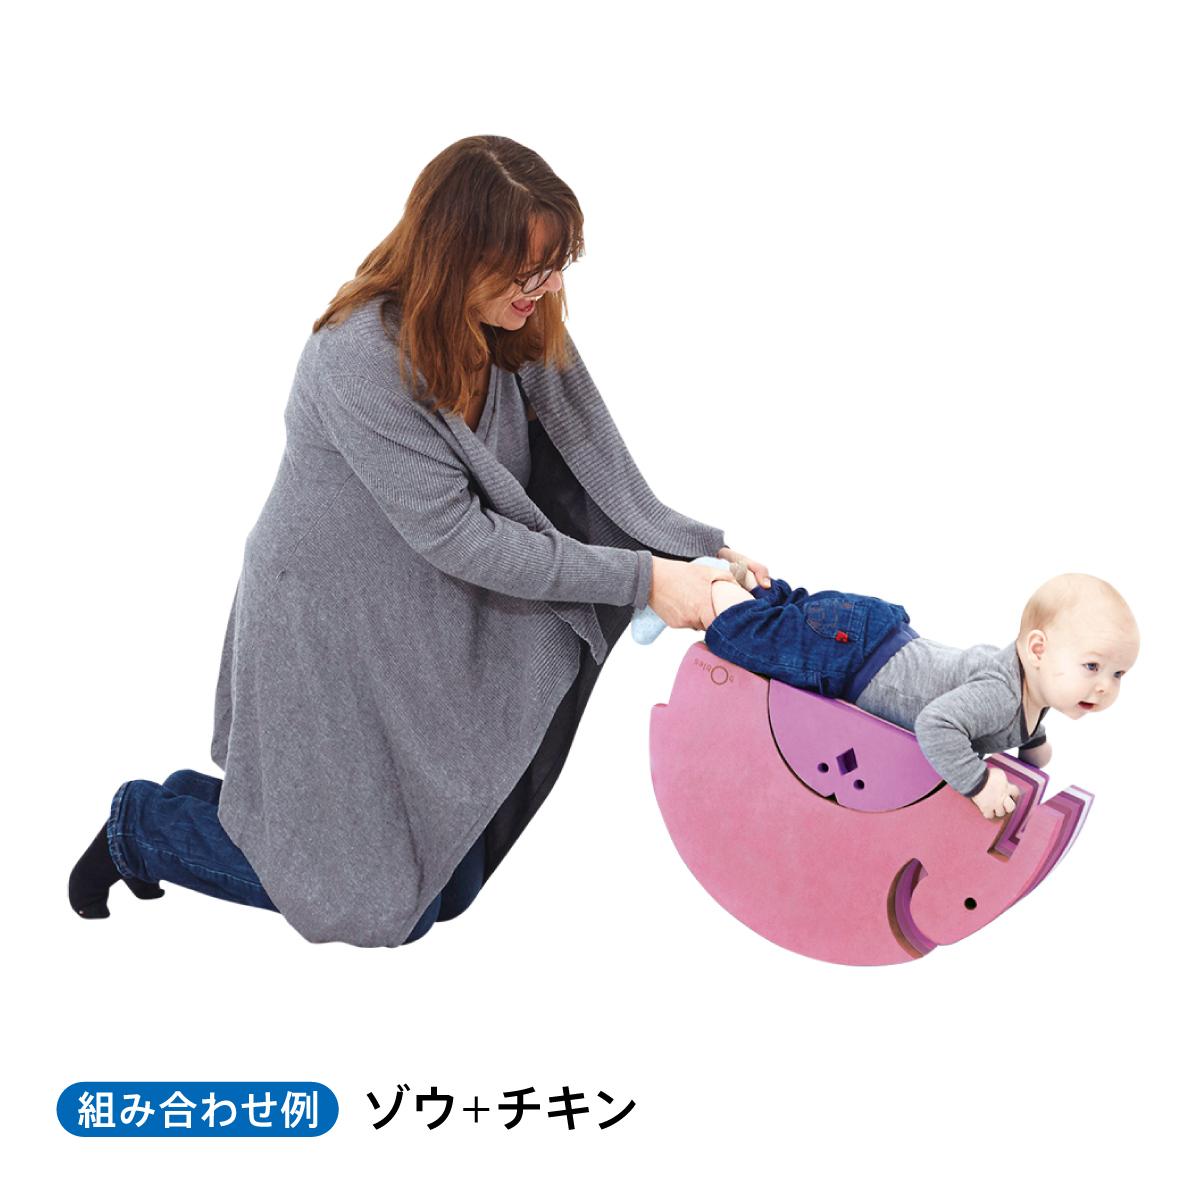 【1/30(木)開催】☆赤ちゃんの日☆からだあそび~ボブルス~